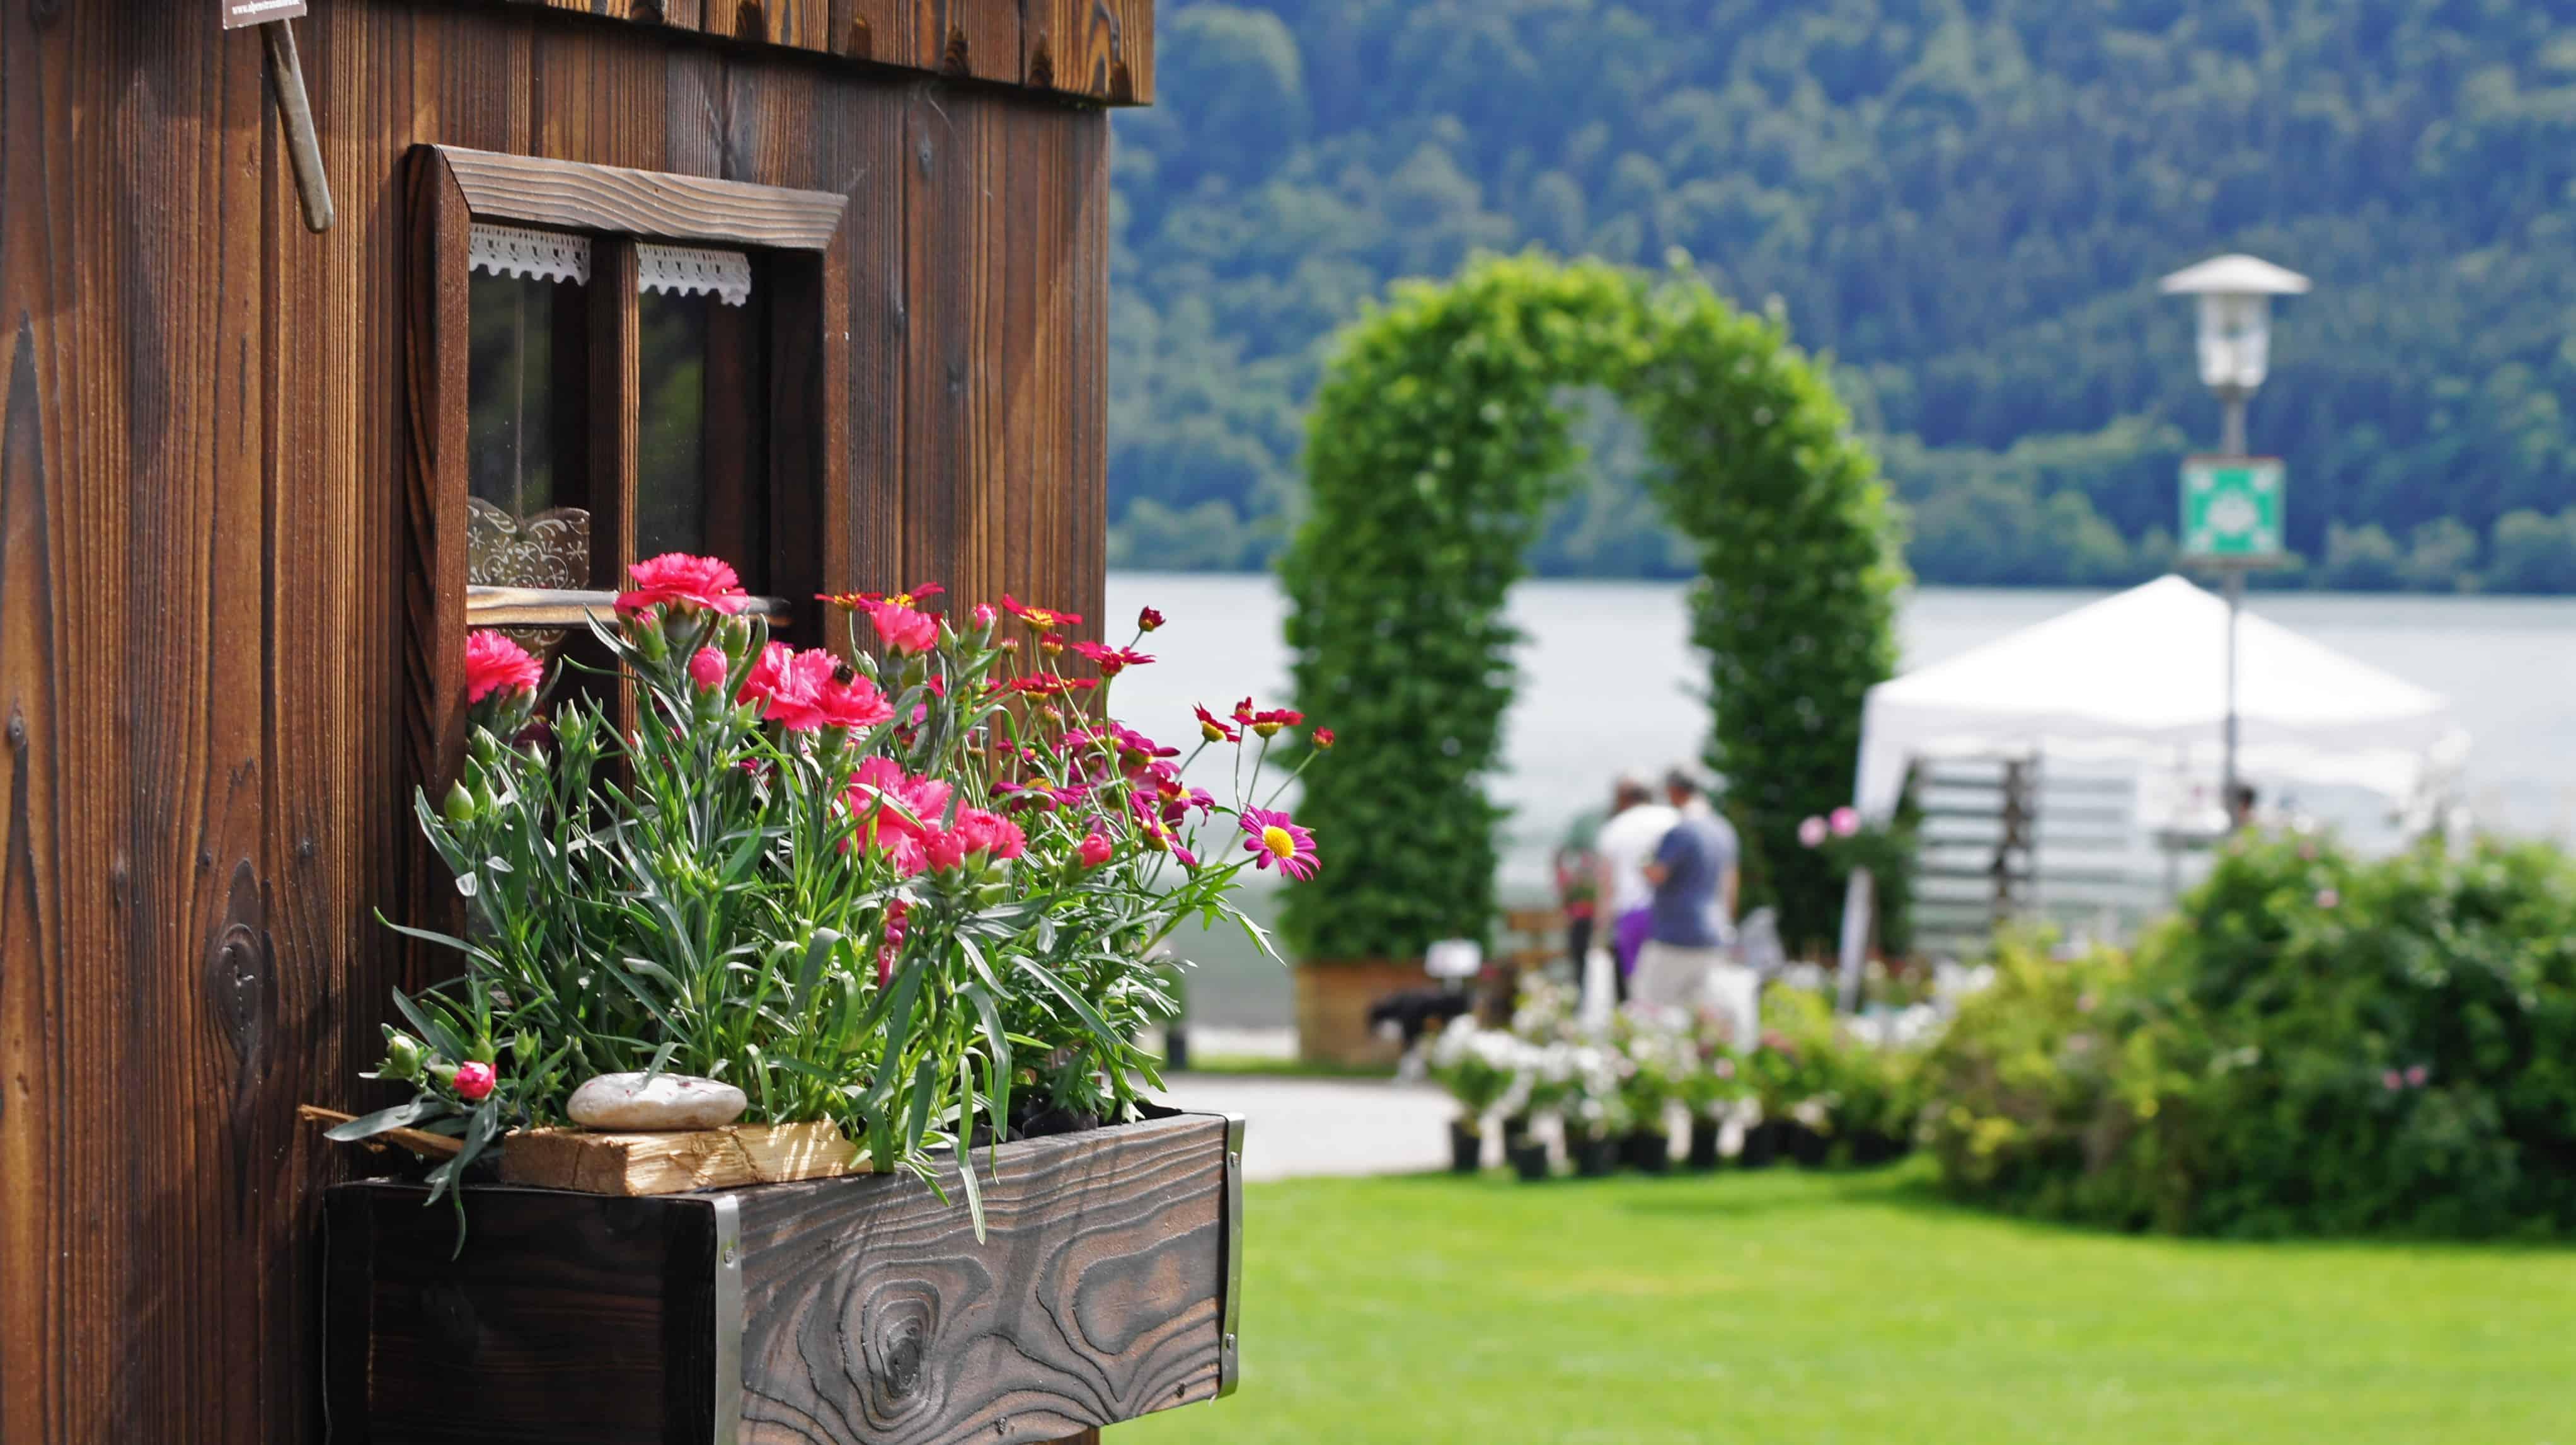 Schlierseer Gartenzauber 2018 - Judith Weber (44)